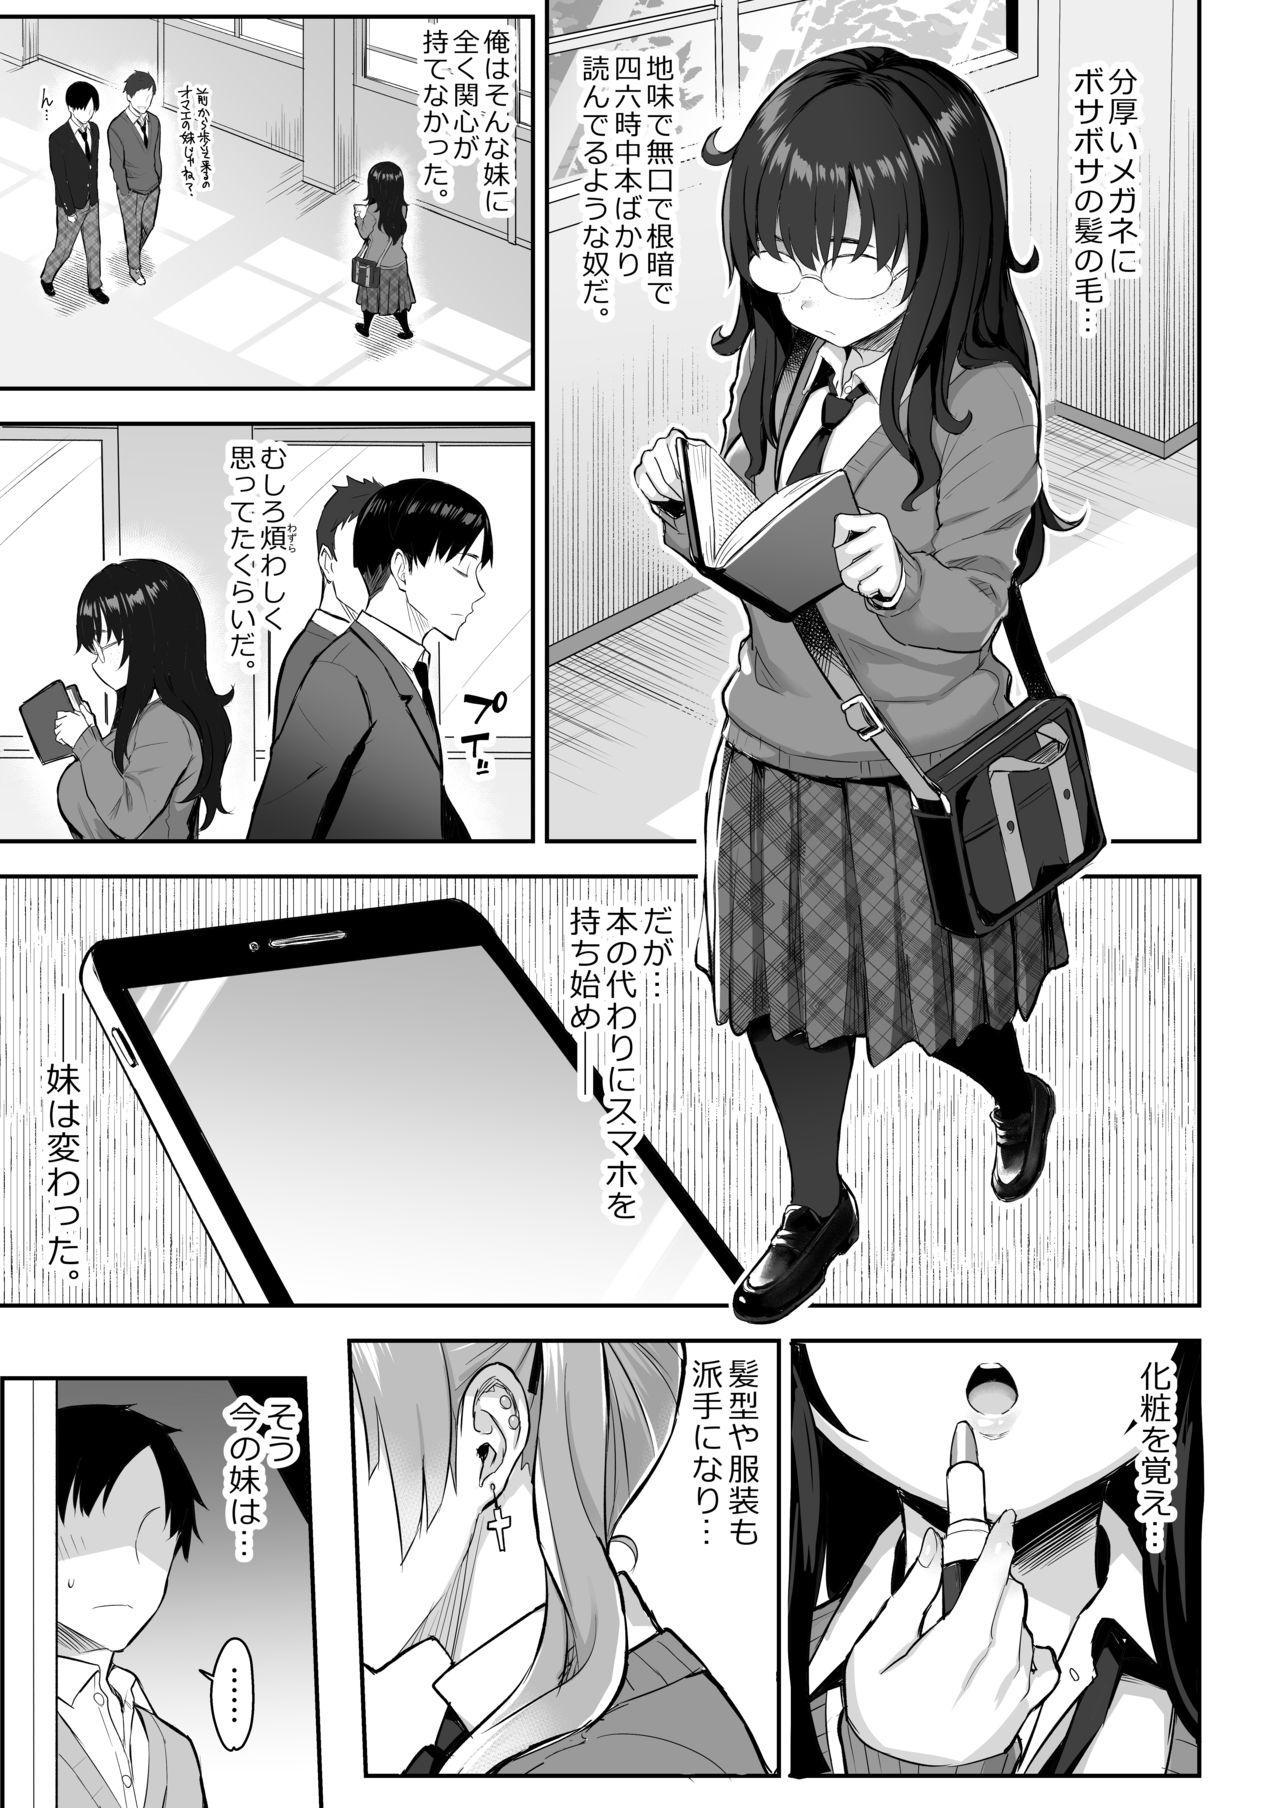 Moto InCha no Kyonyuu Yariman Imouto ga Erosugite, Onii-chan wa Mou...!! 3